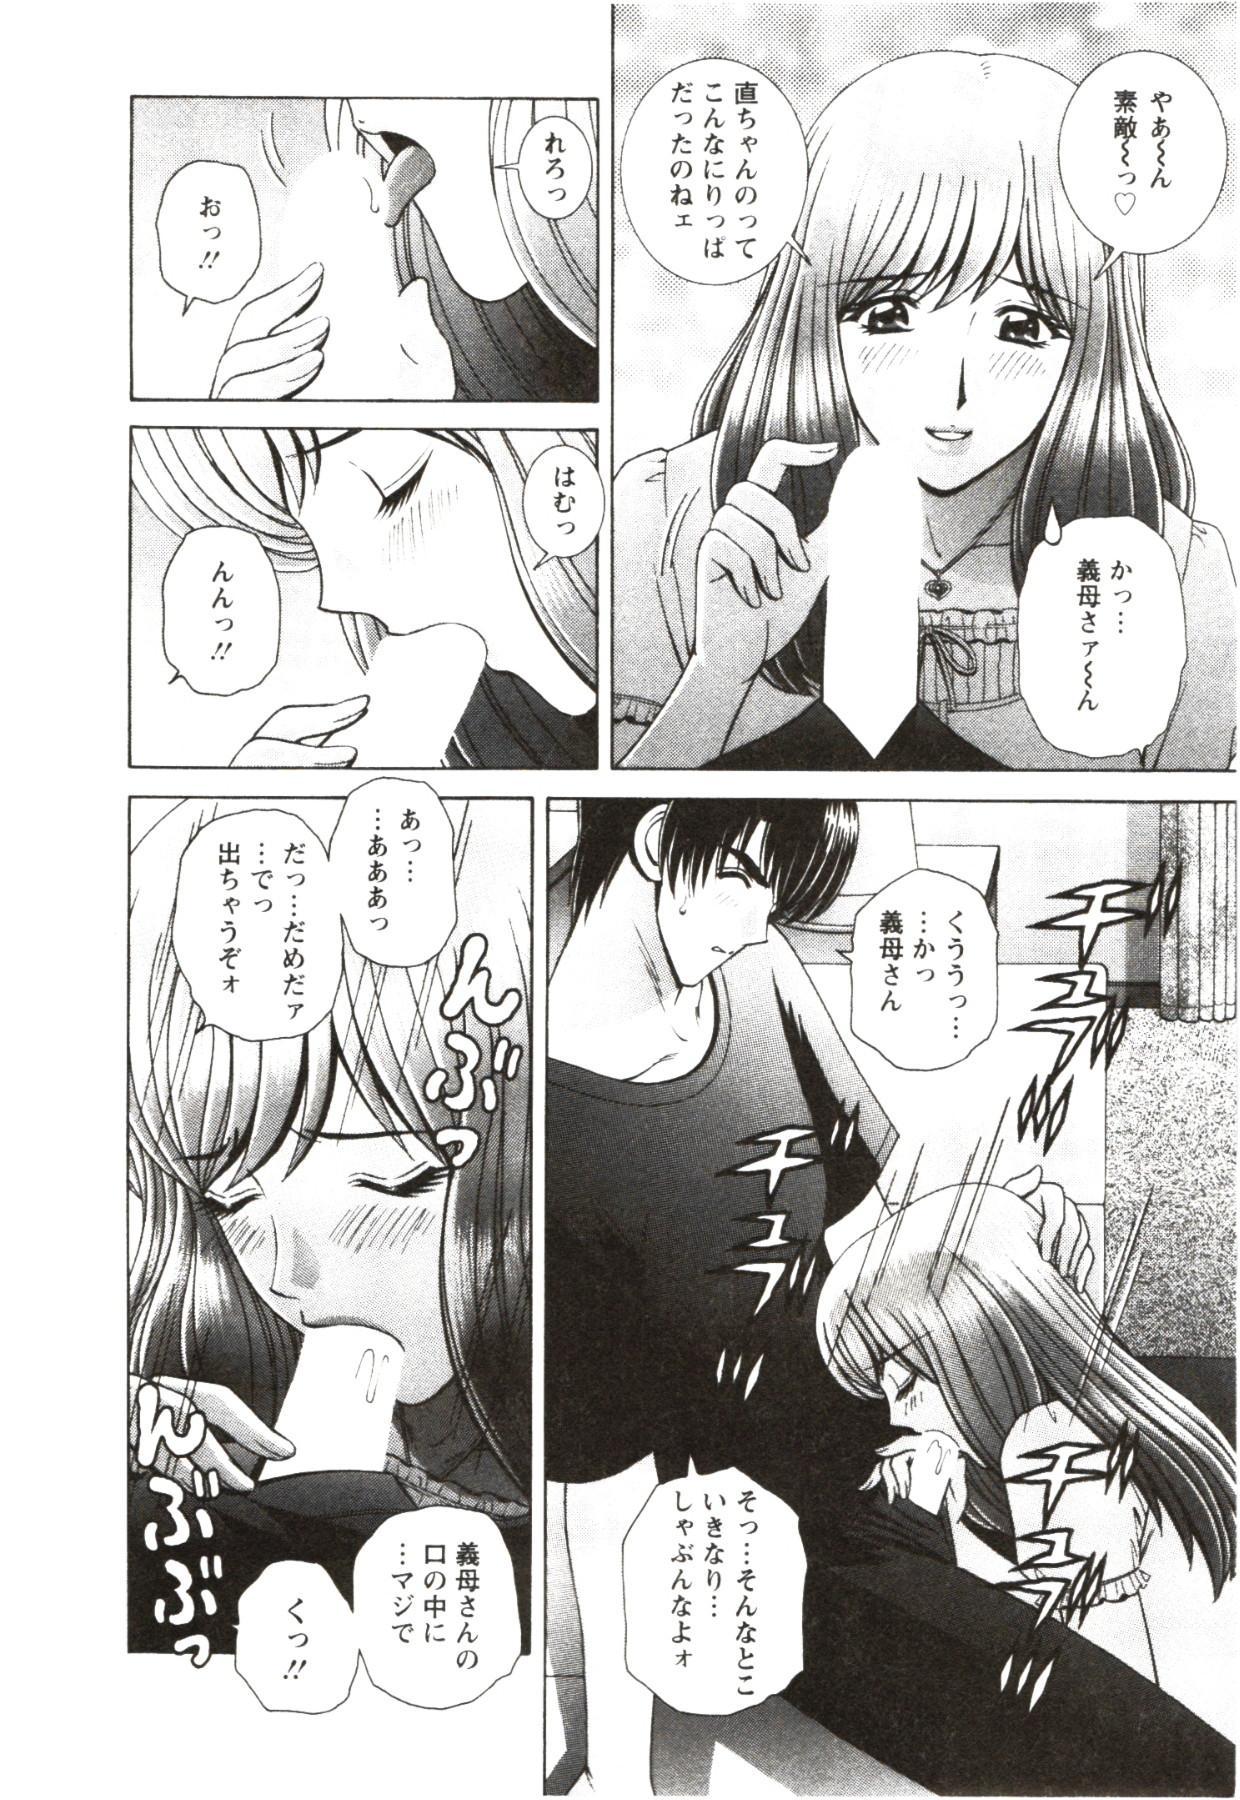 Futarigurashi 47